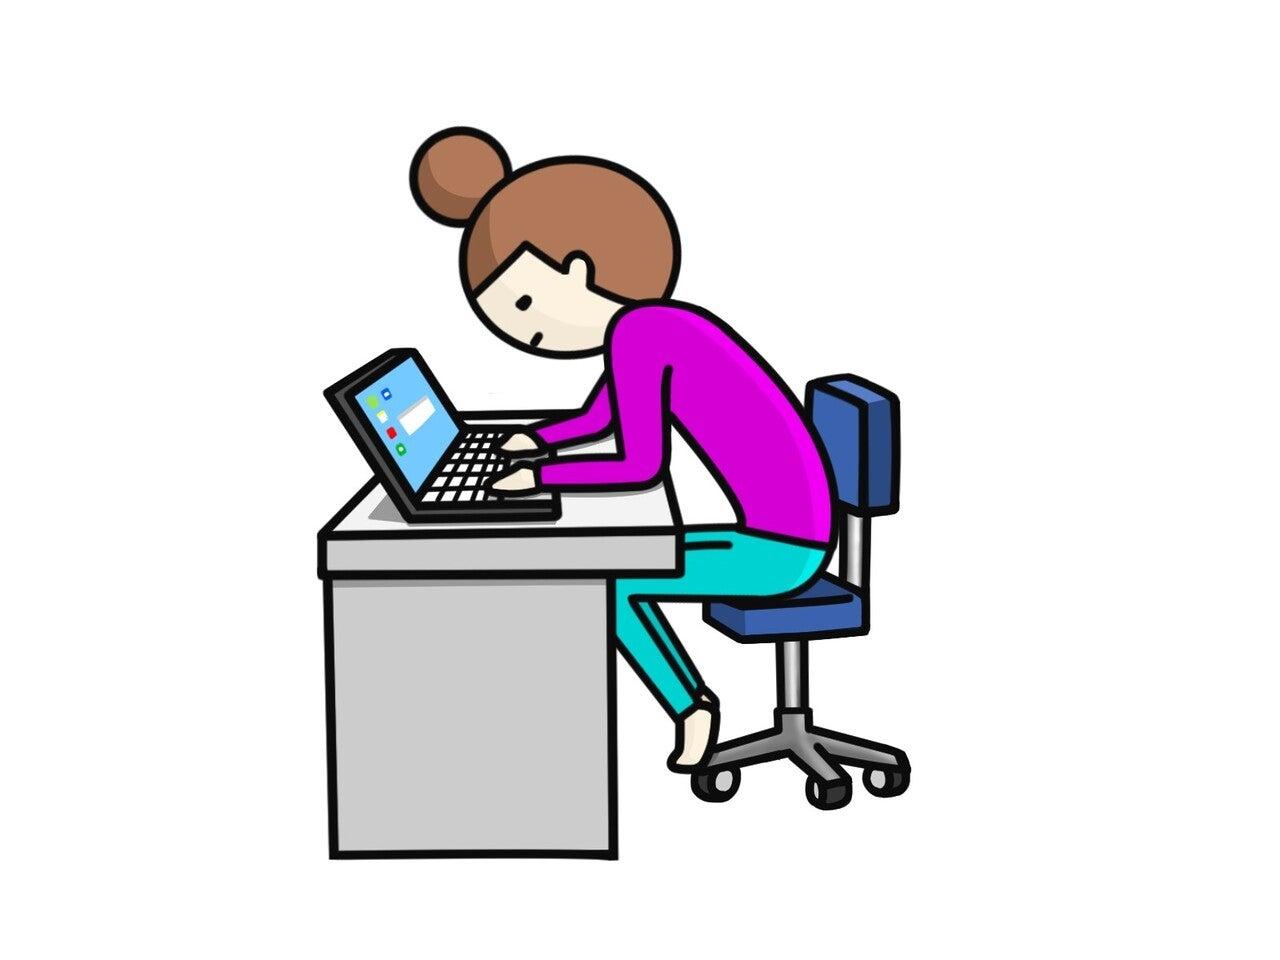 姿勢 椅子 体制 女性 パソコン